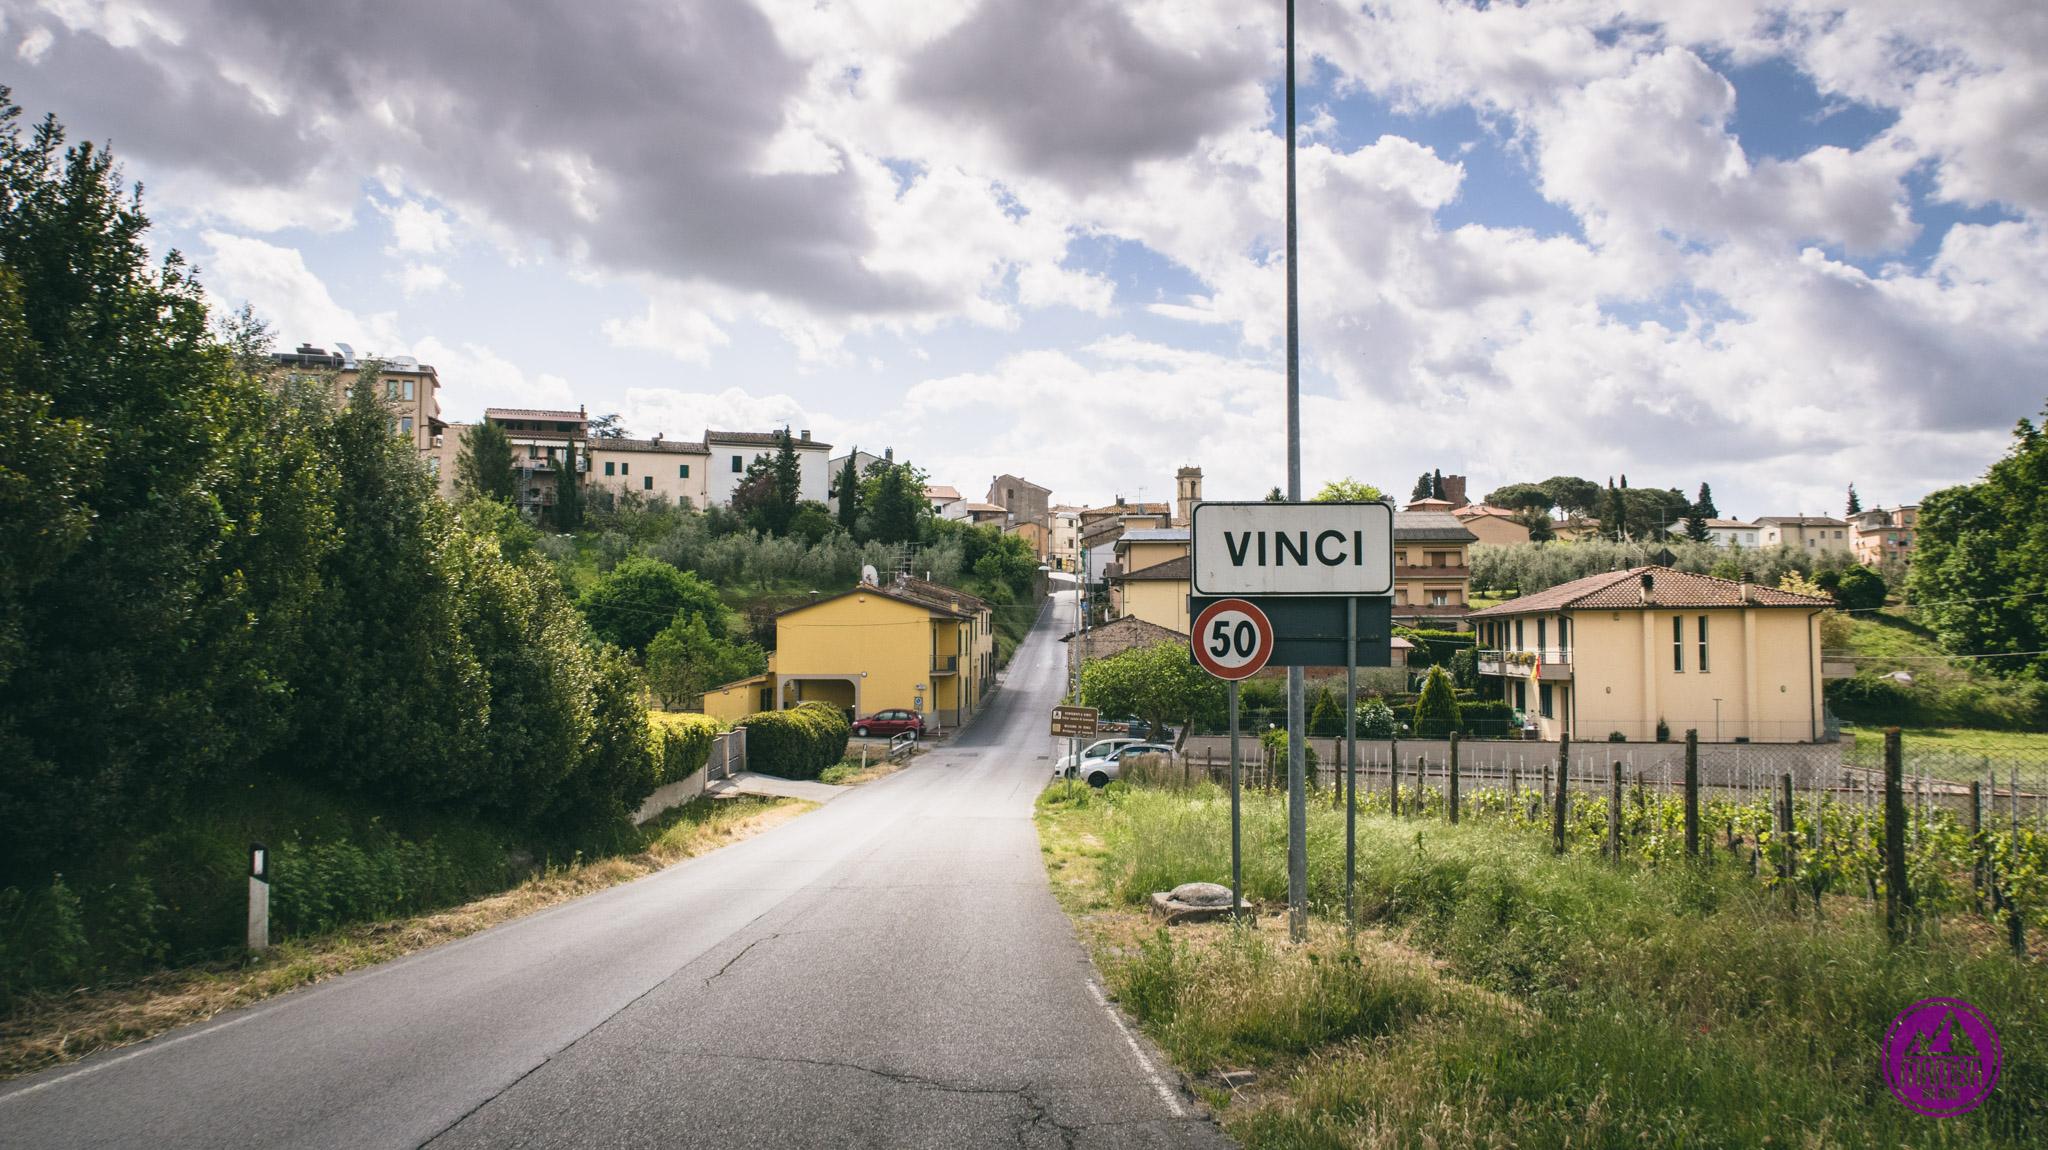 Tablica miasteczko Vinci.